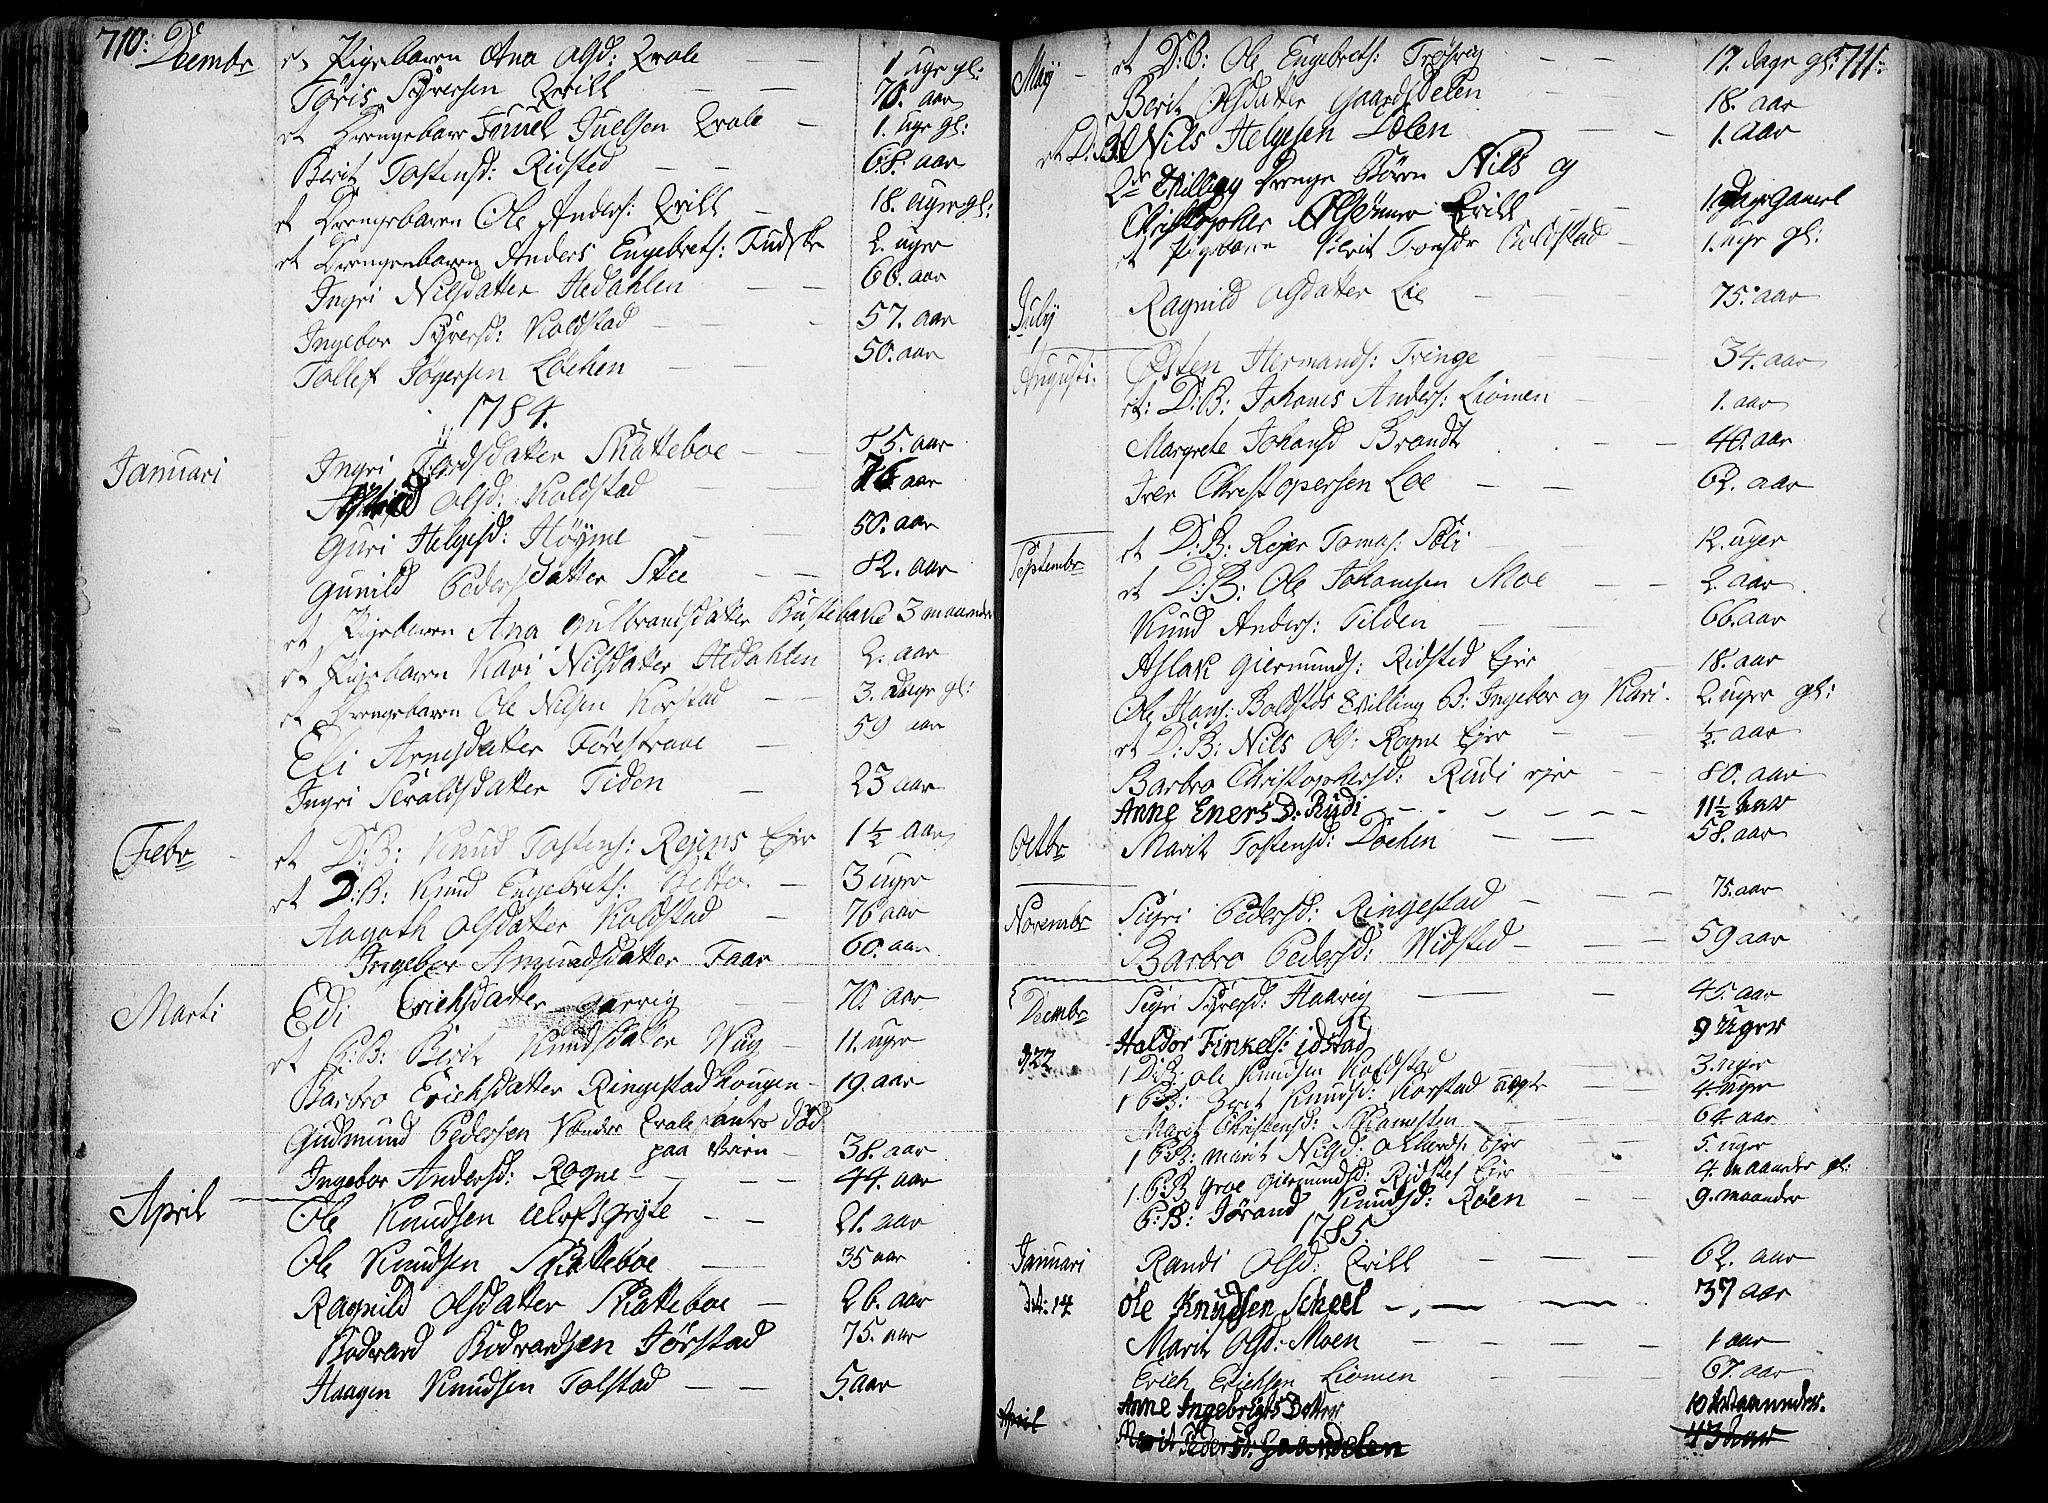 SAH, Slidre prestekontor, Ministerialbok nr. 1, 1724-1814, s. 710-711